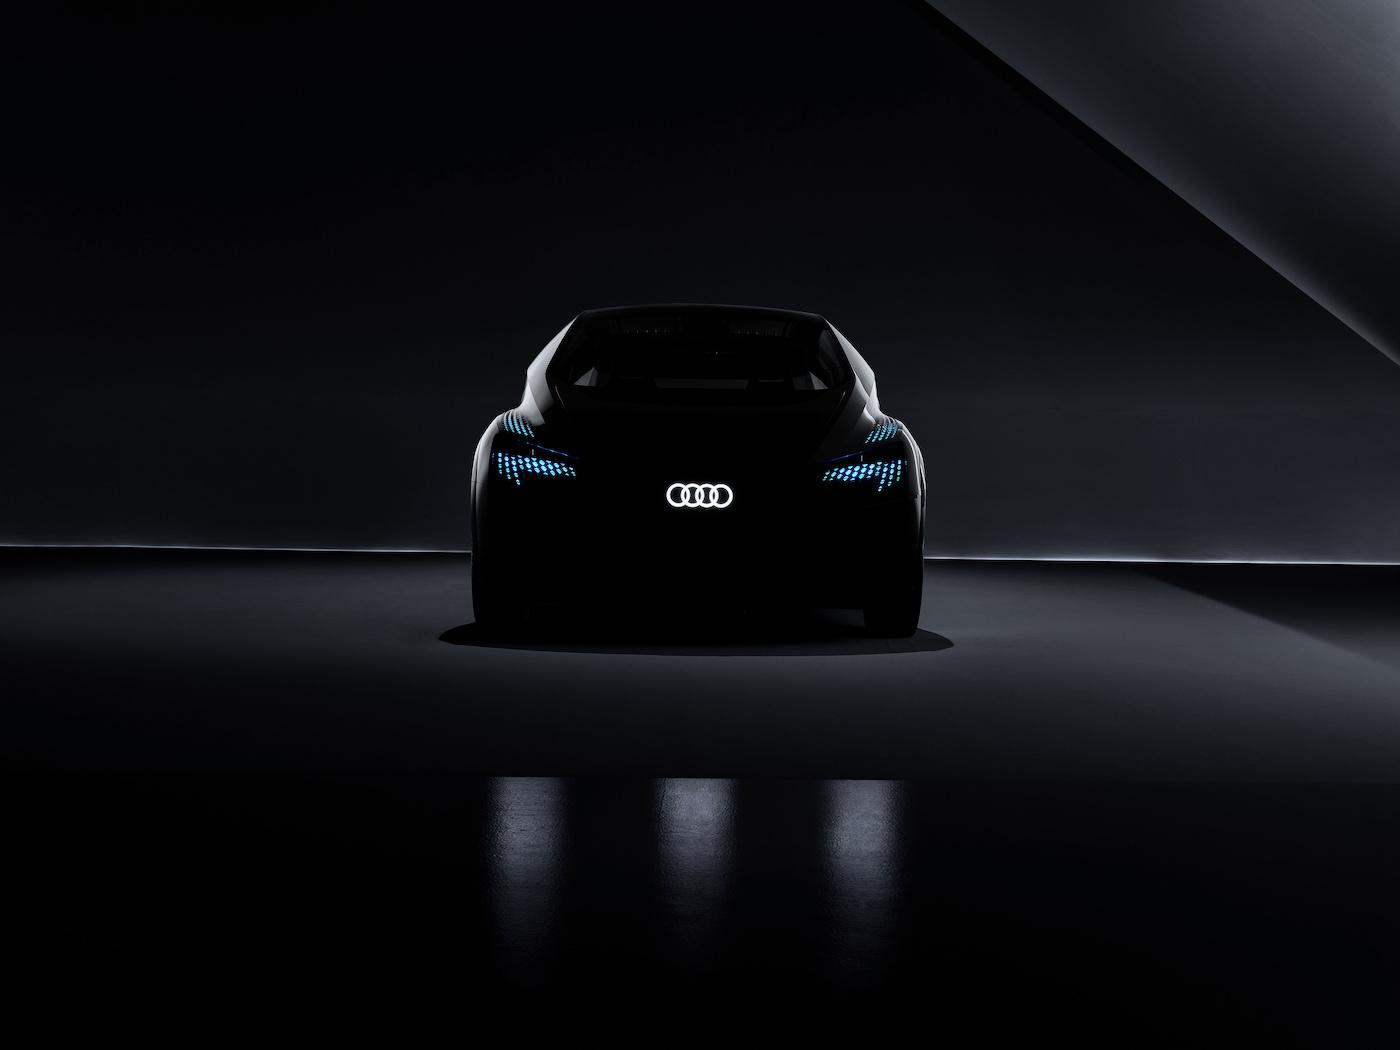 Der kompakte Audi der Zukunft: Das ist der Audi AI:ME 4